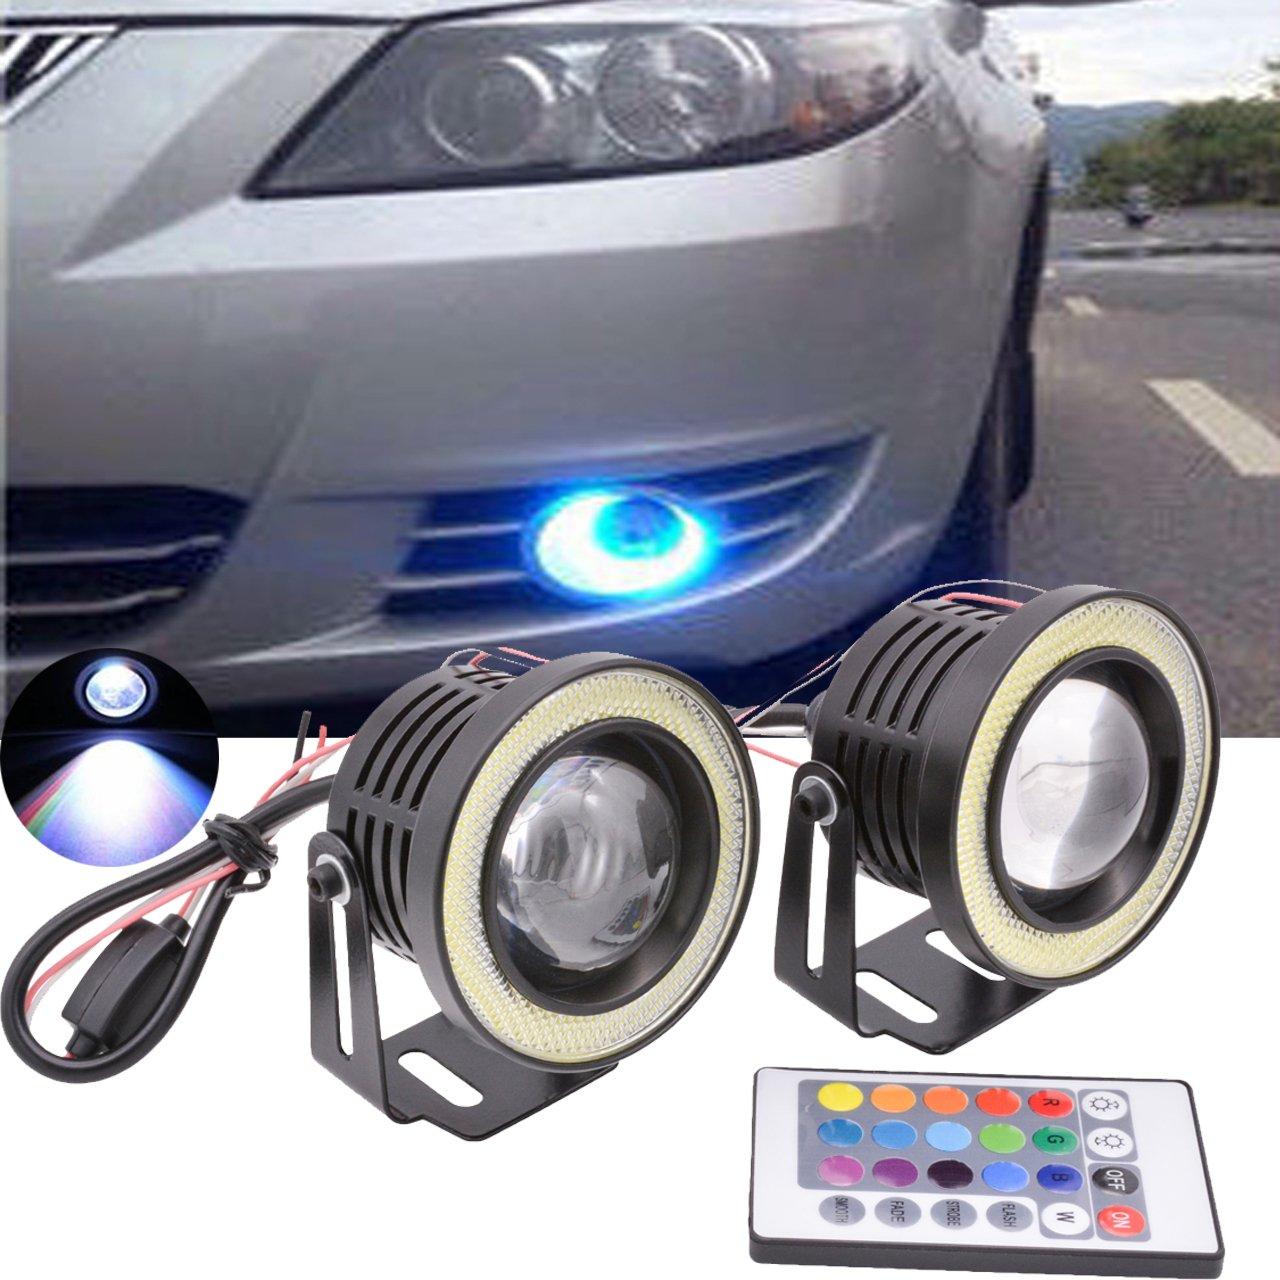 TUINCYN 3.5 Zoll Projektor universal RGB LED Birne Weiß COB halo engel eye ringe Verwendet für Tagfahrlicht DRL Autofahrlicht (2er Pack)